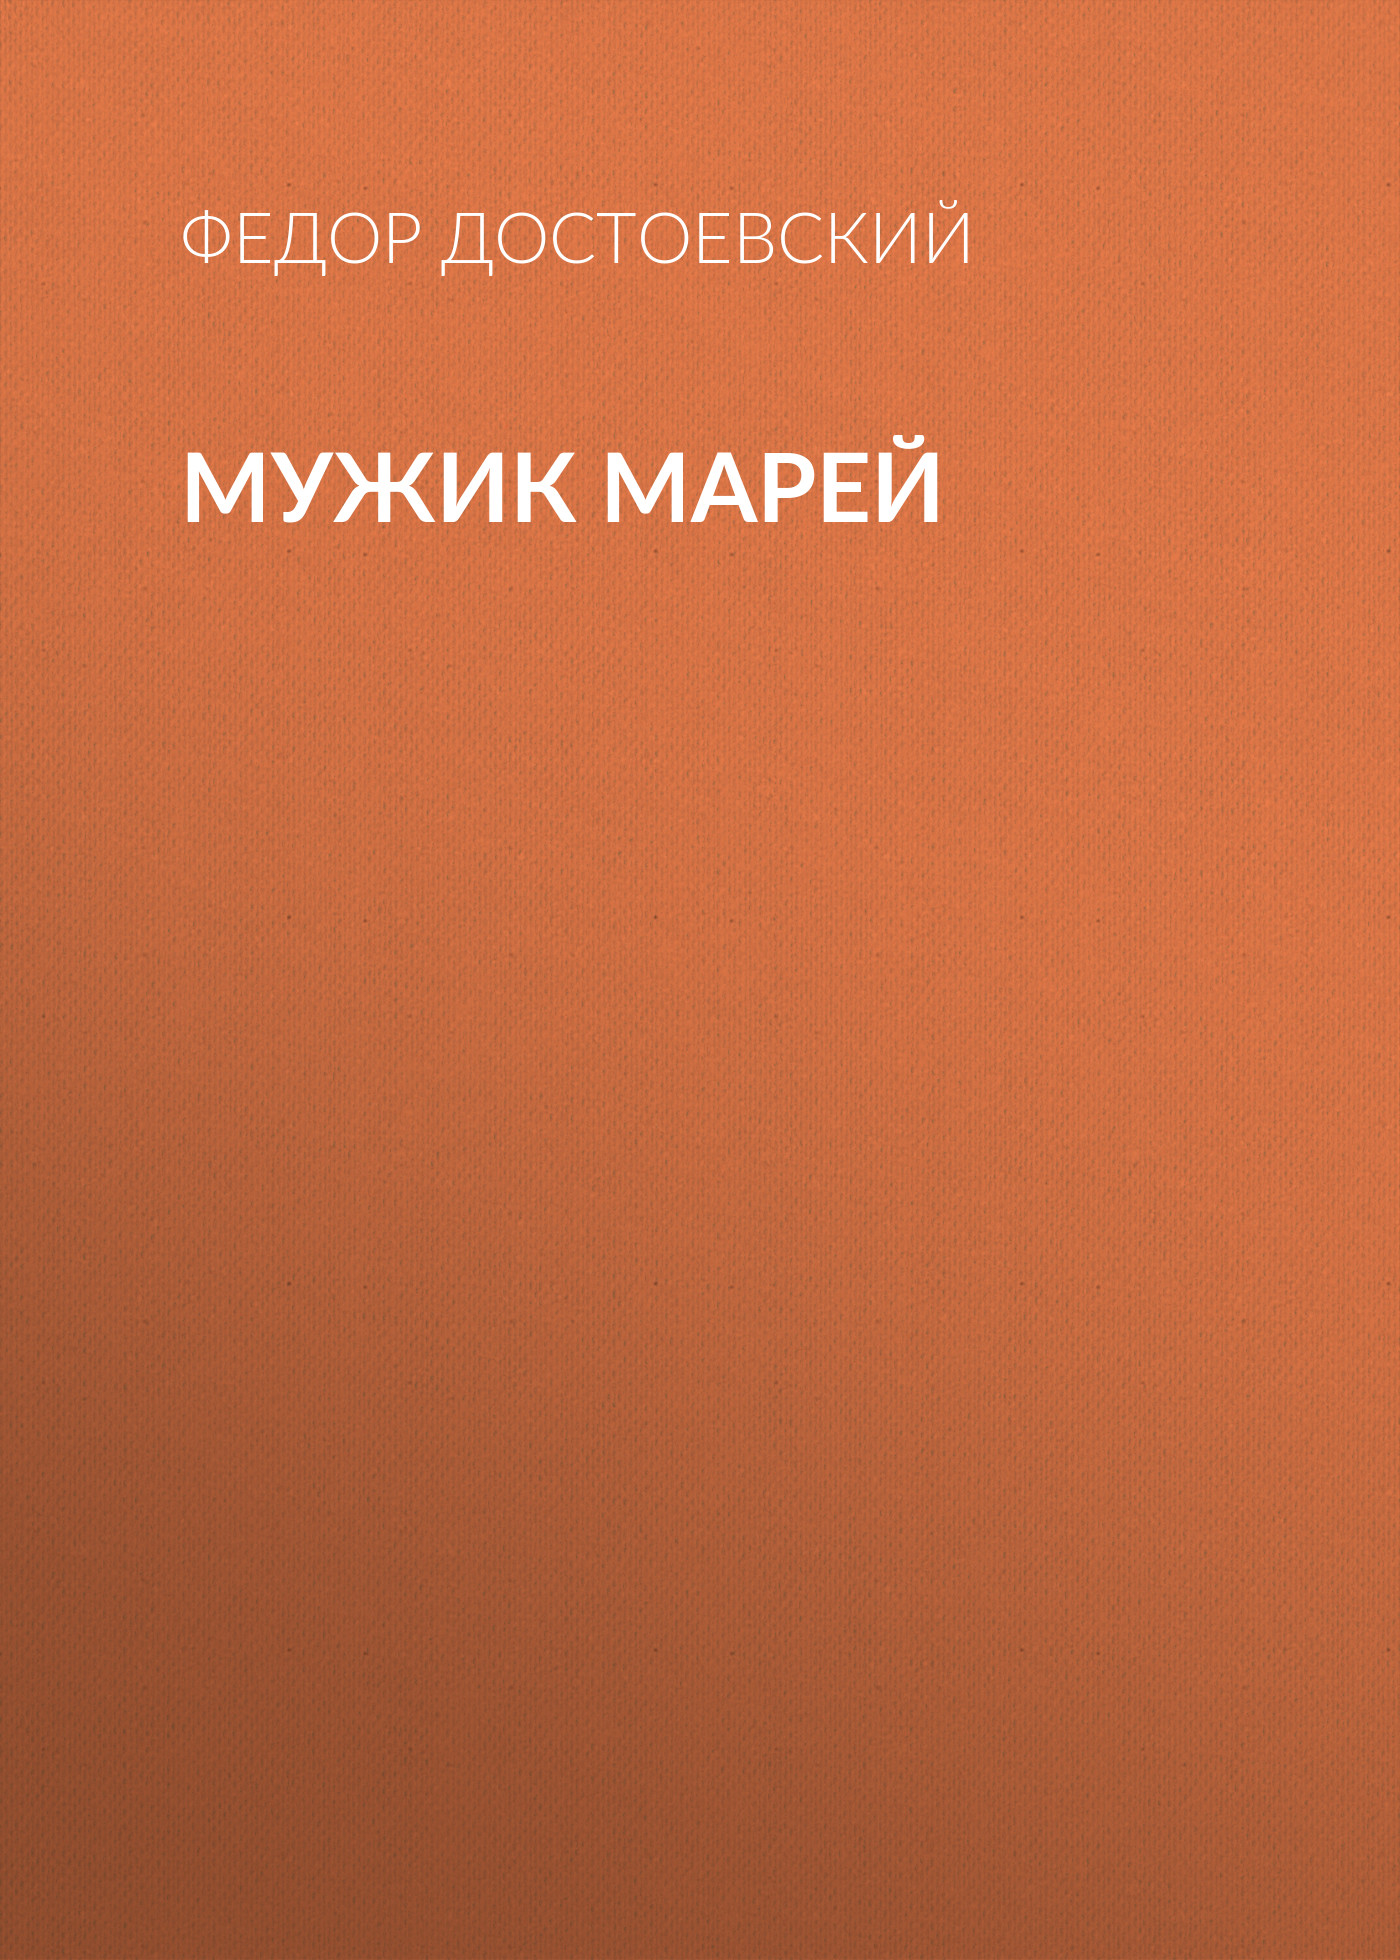 Федор Достоевский Мужик Марей